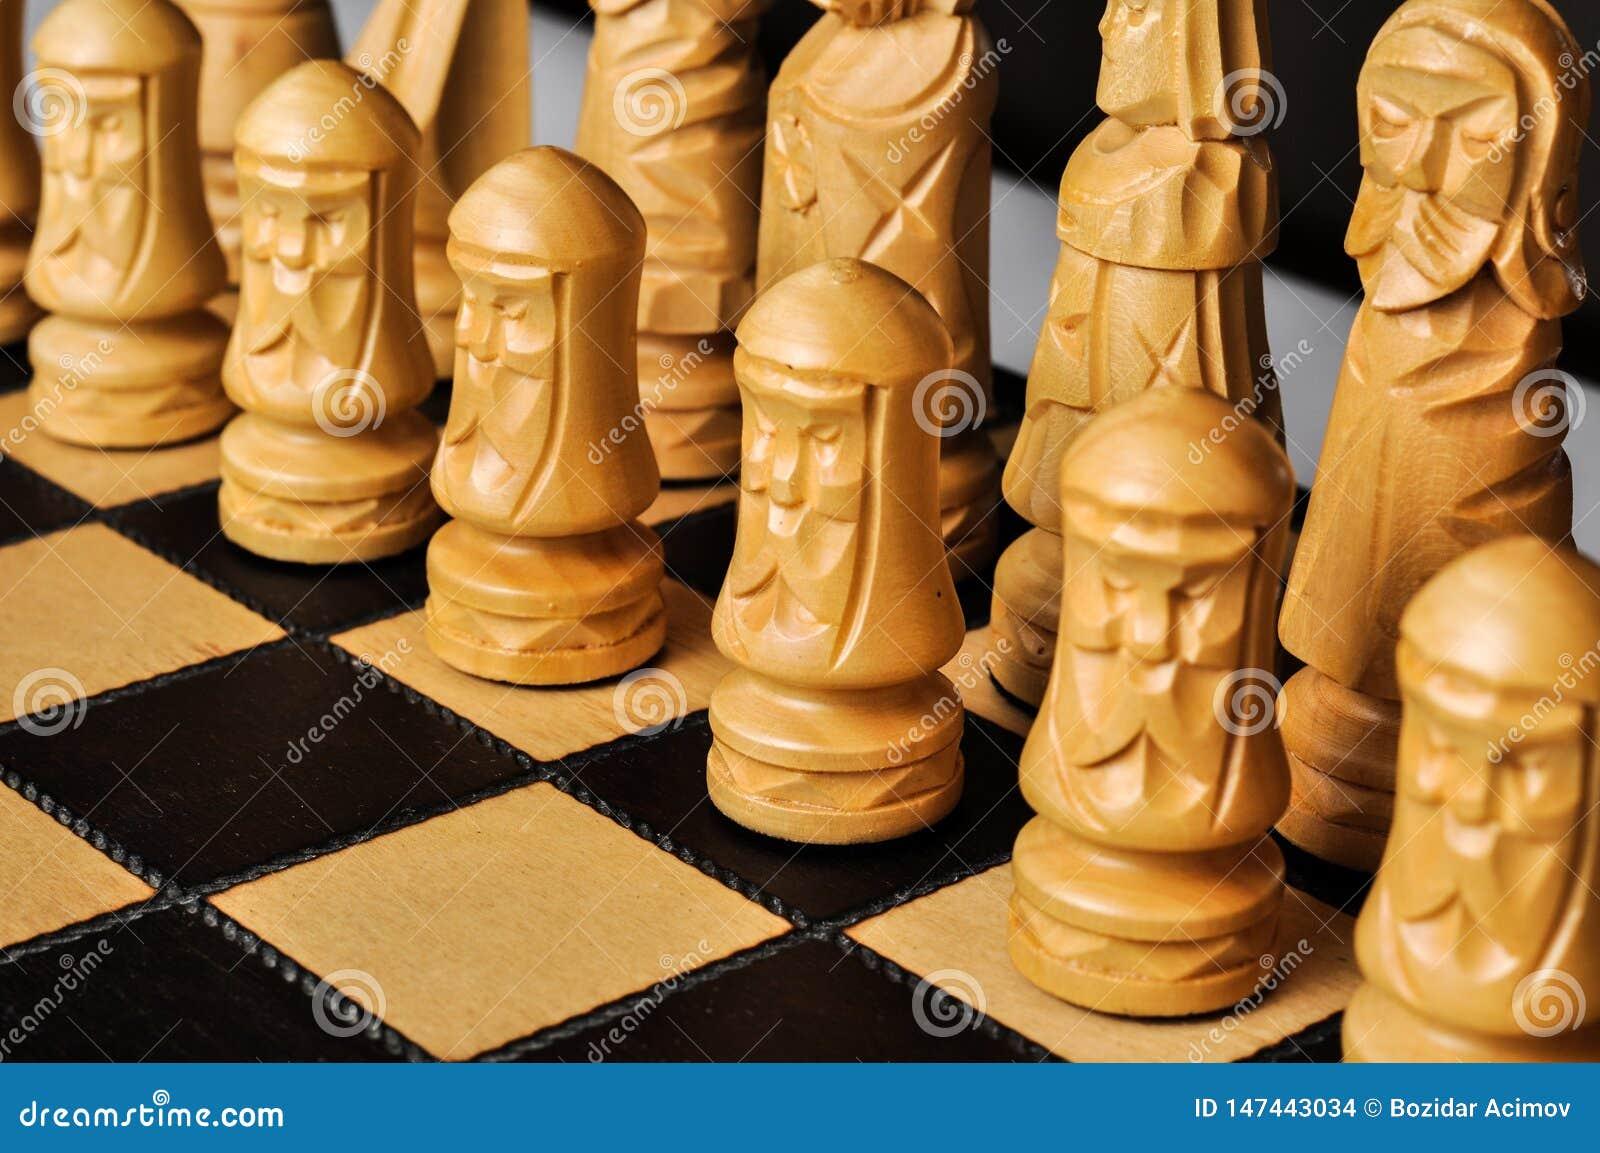 Αριθμοί σκακιερών για τον πίνακα Για να συναντήσει ο ένας τον άλλον ματ r